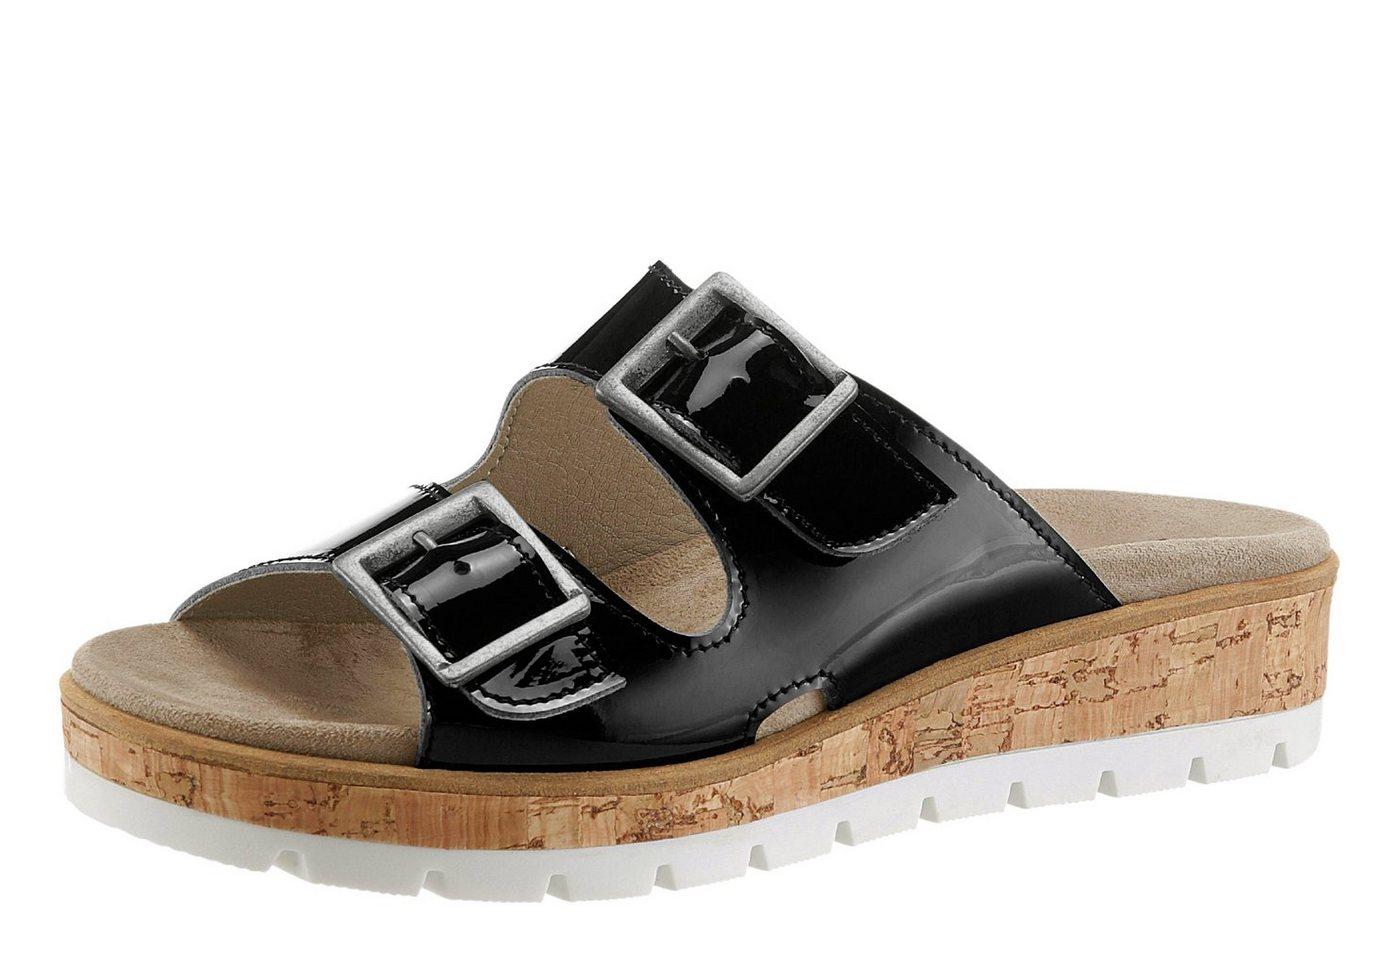 Aco Pantolette mit gepolstertem Wechselfußbett   Schuhe > Clogs & Pantoletten > Klassische Pantoletten   Schwarz   Aco